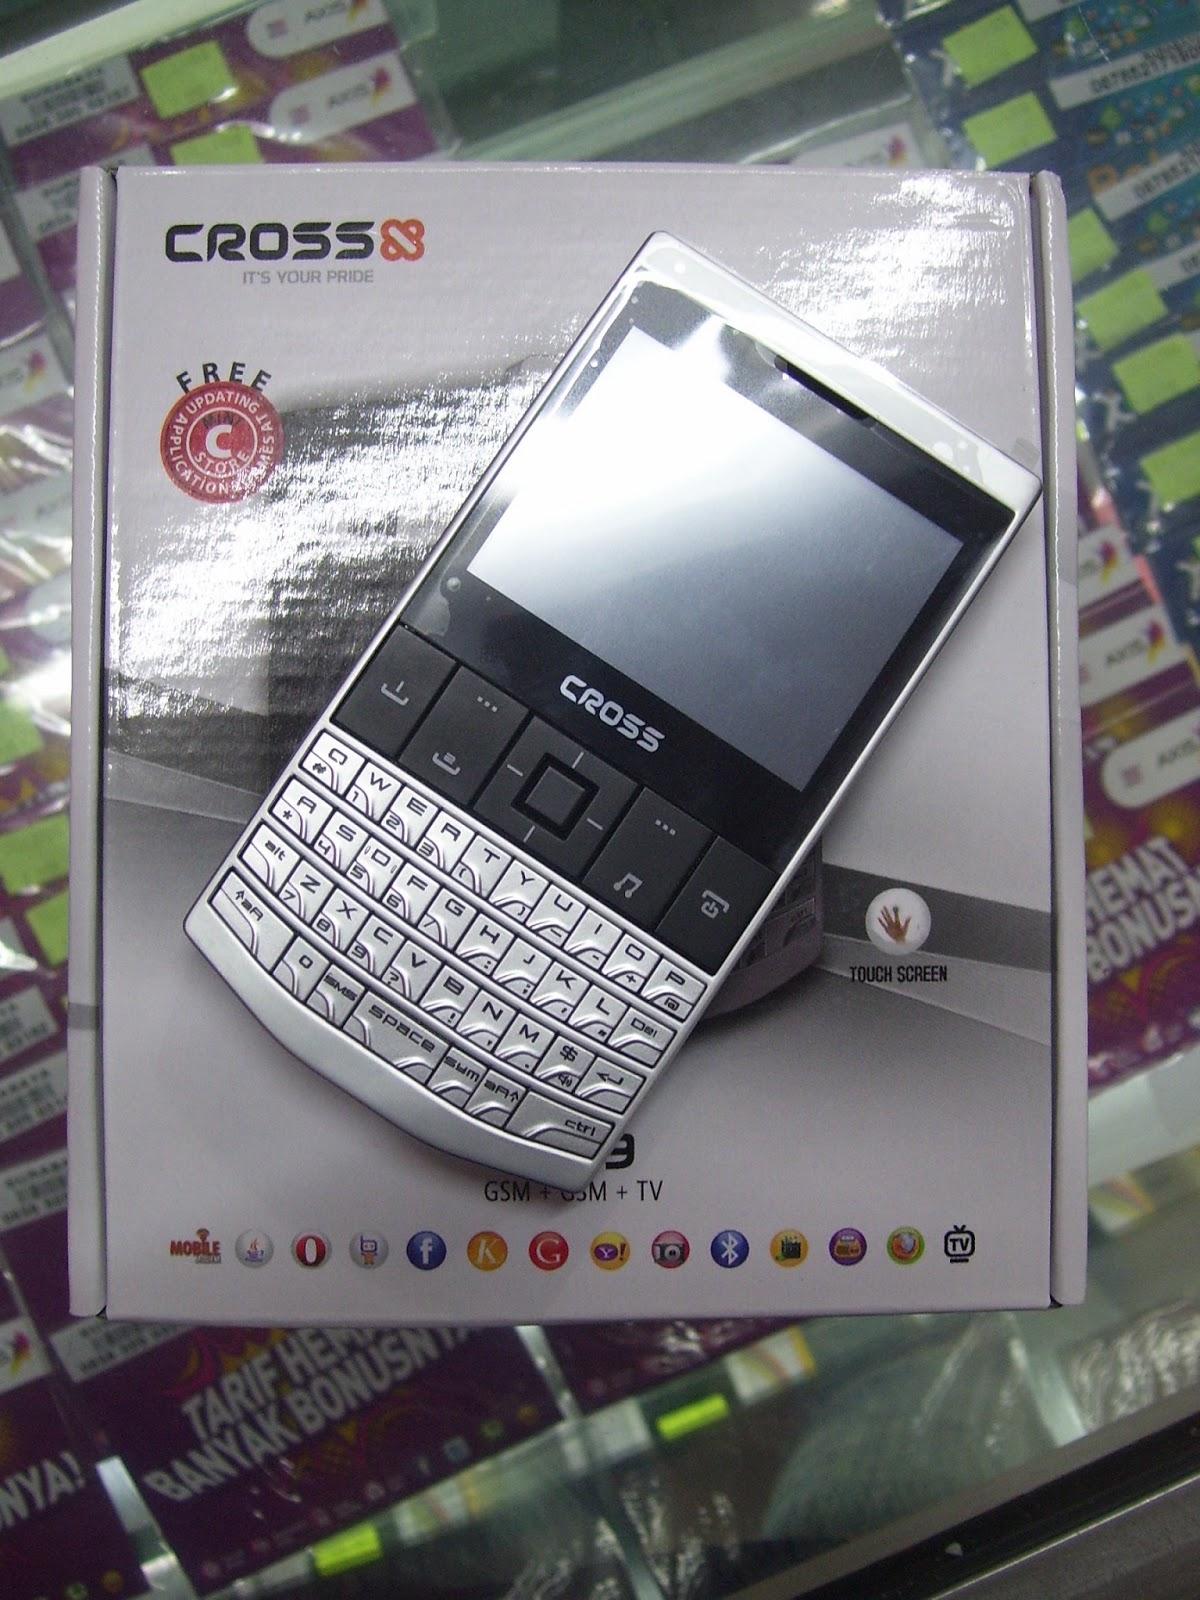 cross e99 rp 280 000 spesifikasi cross g1q rp 300